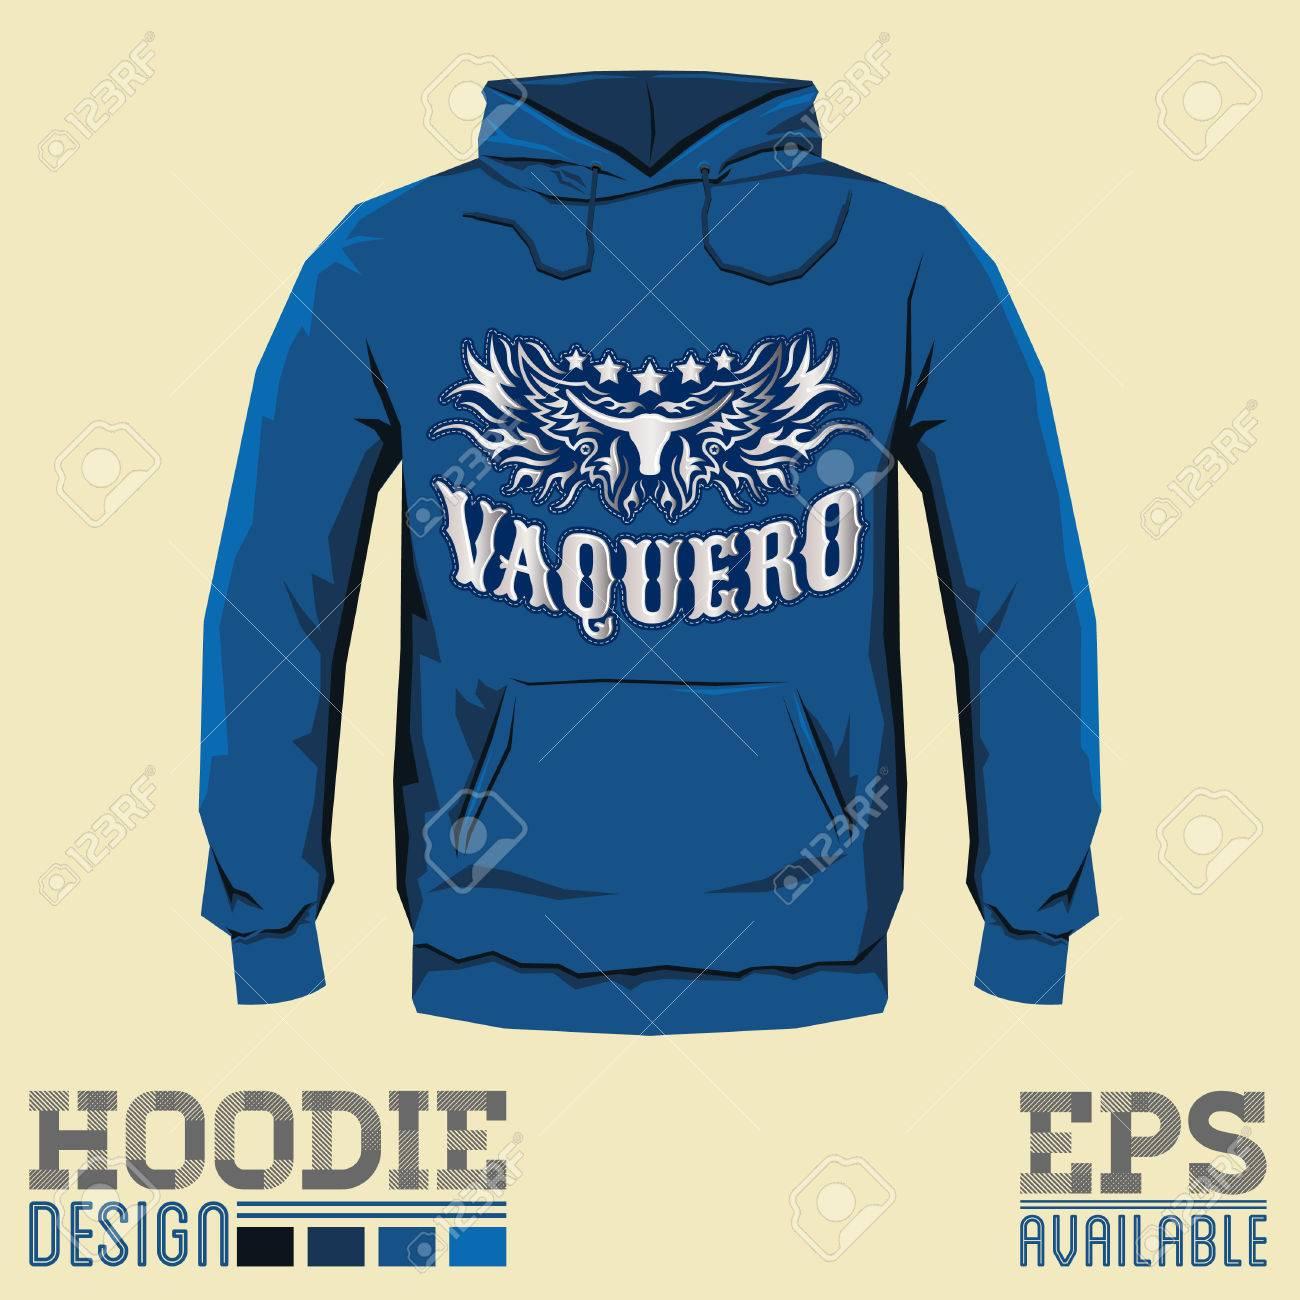 Vaquero, Cowboy Spanische Übersetzung, Vector Hoodie Druck Design ...